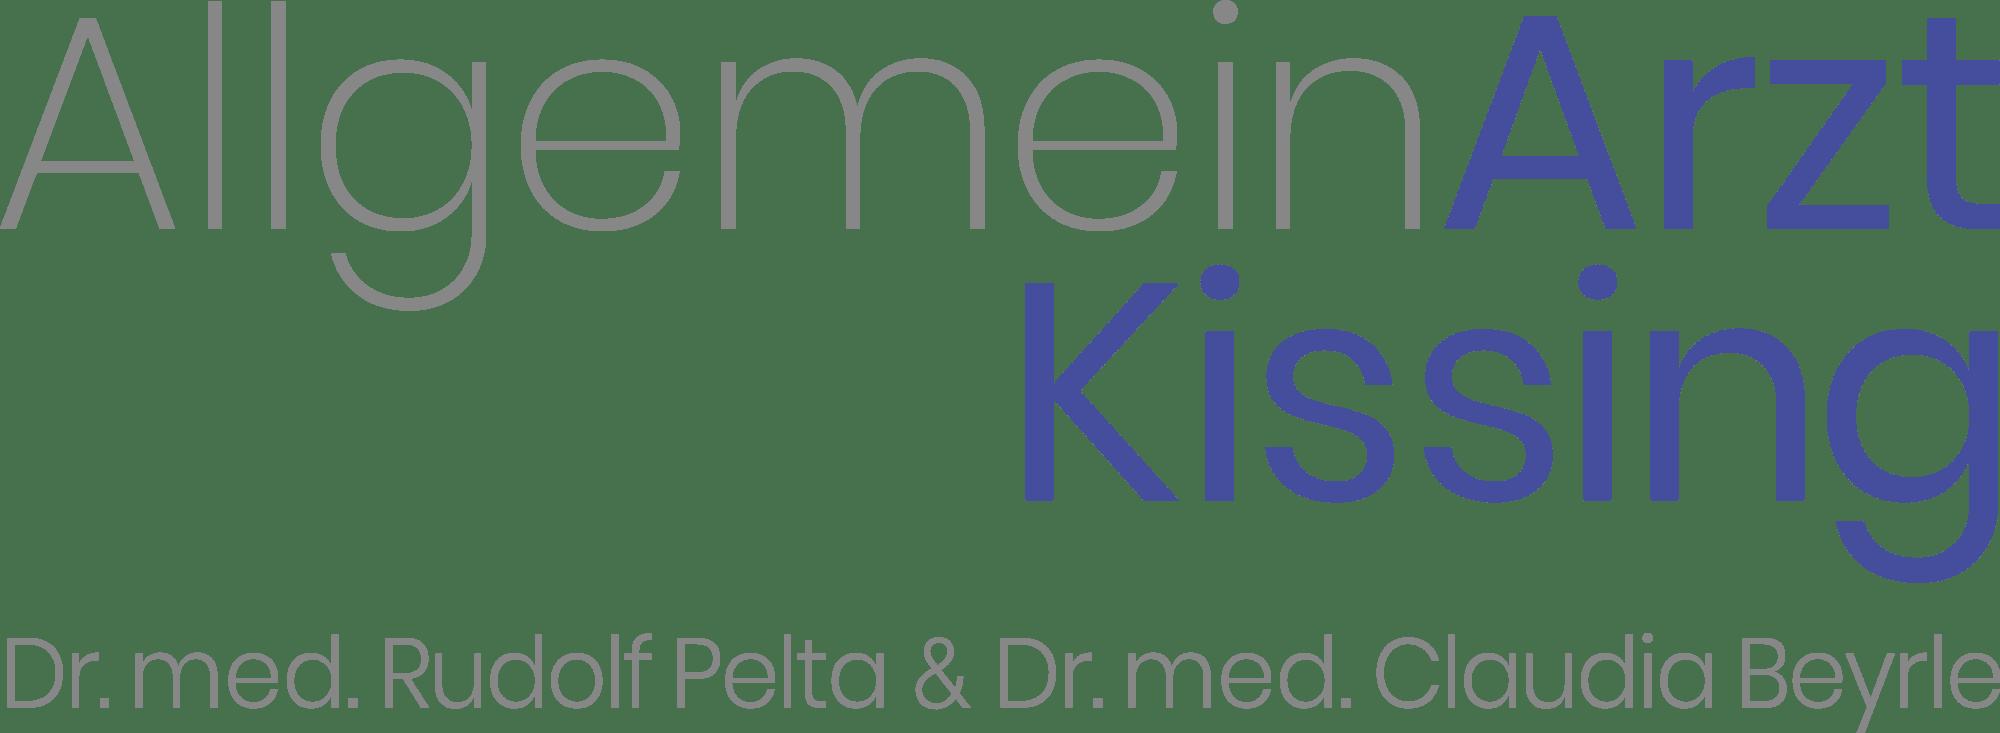 Allgemeinarzt Kissing Logo